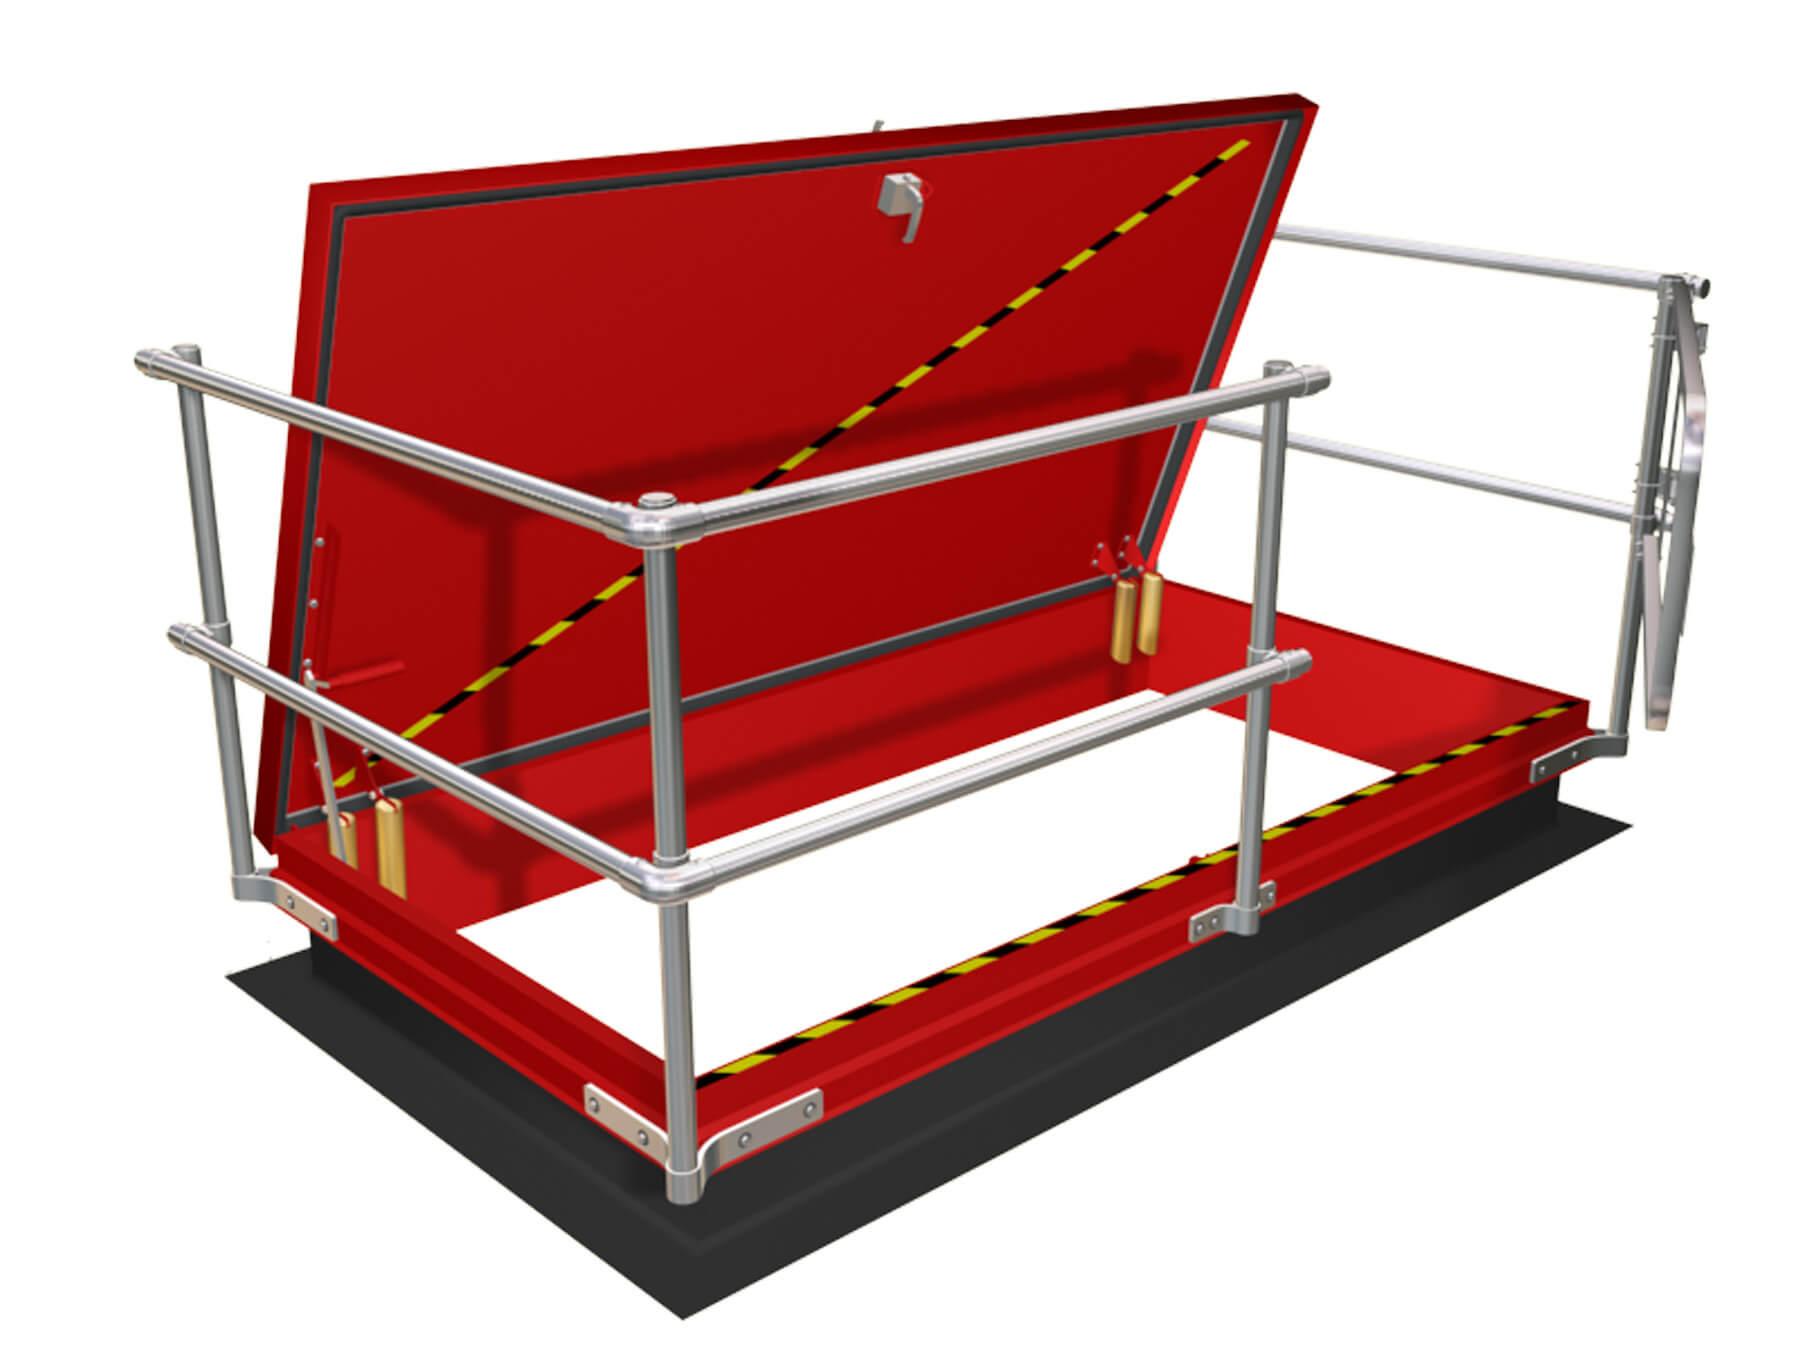 Roof Edge Railings | Rooftop Hatch Railings | Fall